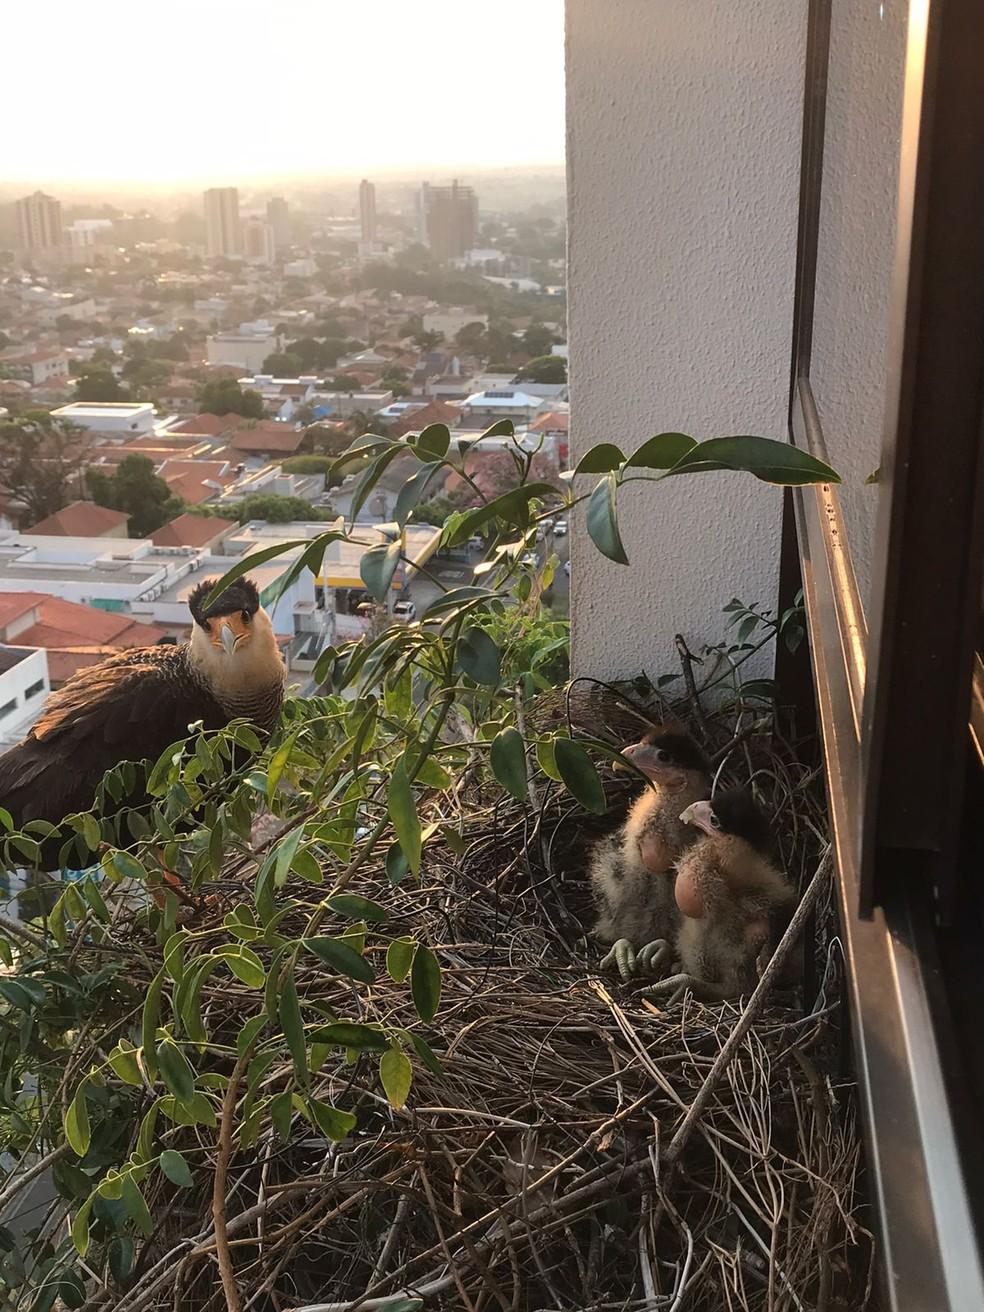 Casal de carcarás fez um ninho na floreira de um apartamento no 12º andar de um prédio na área central de Presidente Prudente (SP) — Foto: Ana Eugênia Perrone